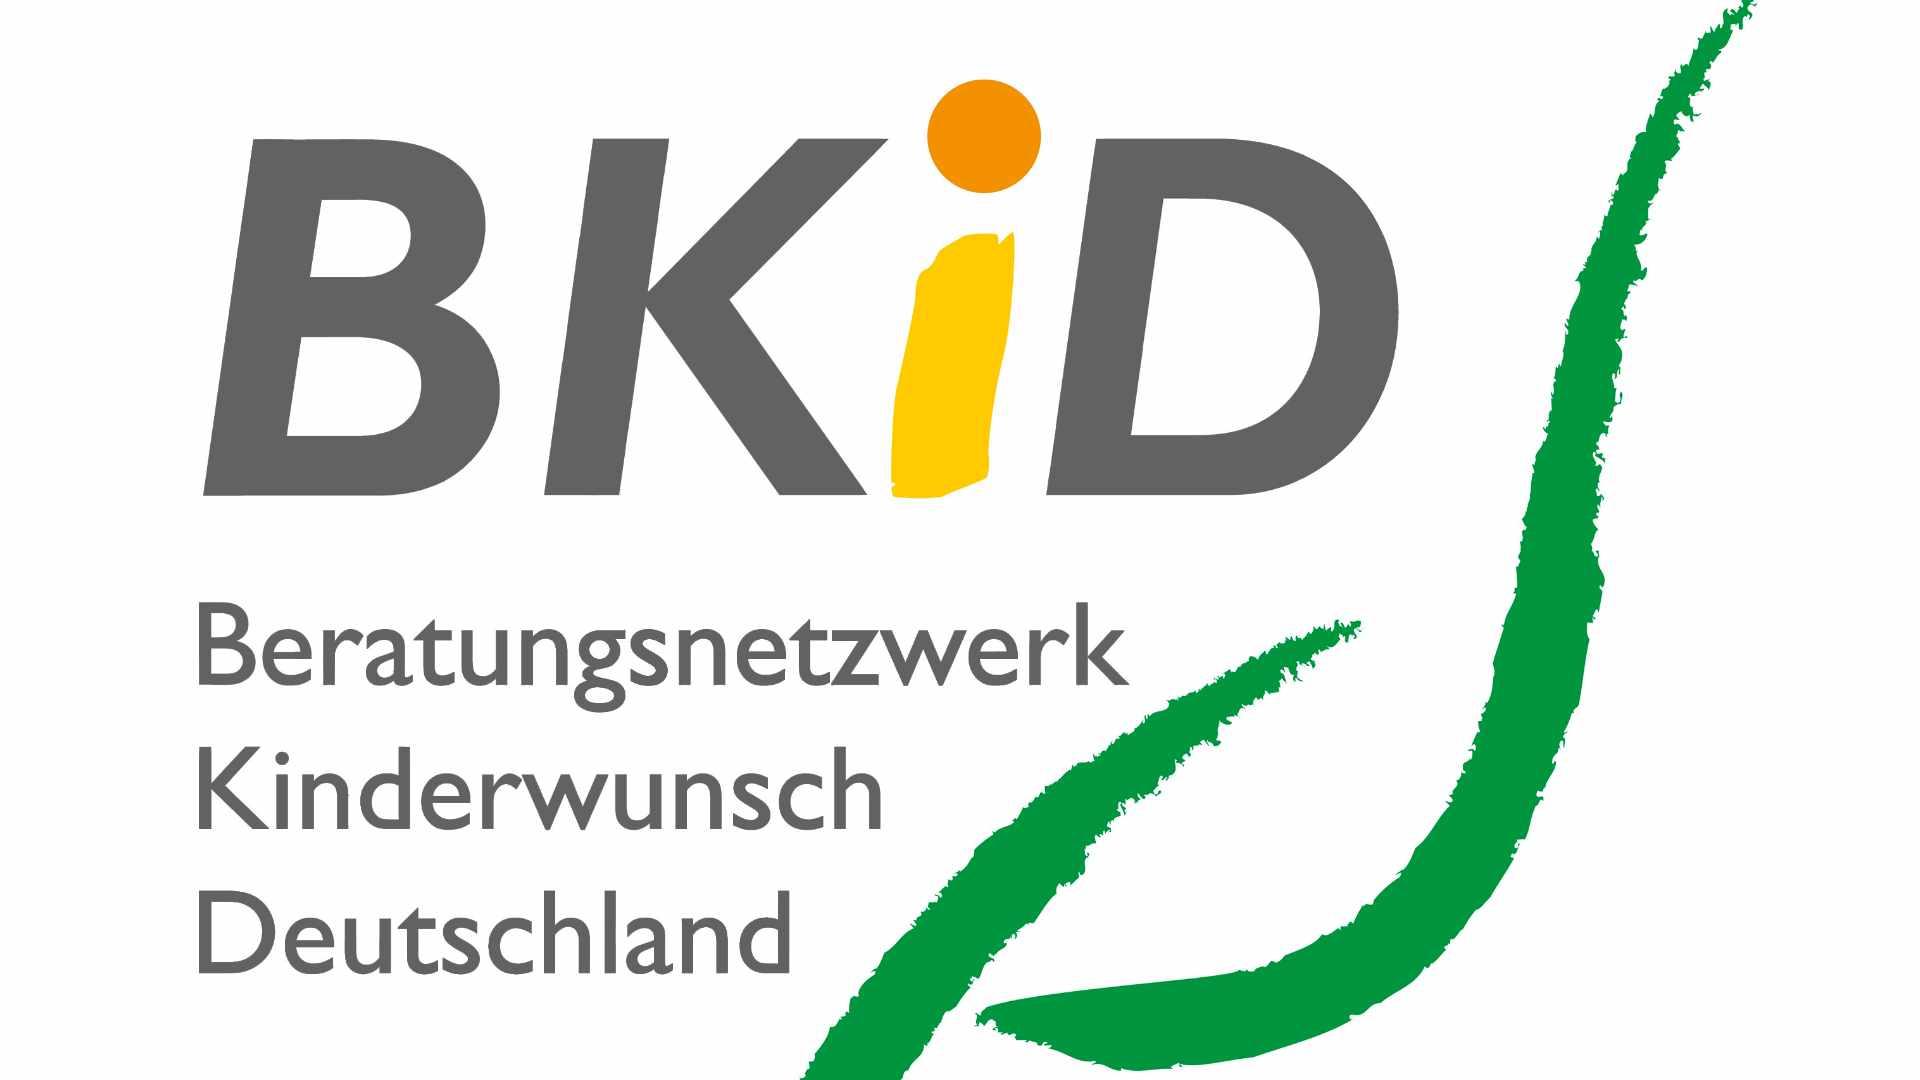 Deutsche Gesellschaft für Kinderwunschberatung - BKiD